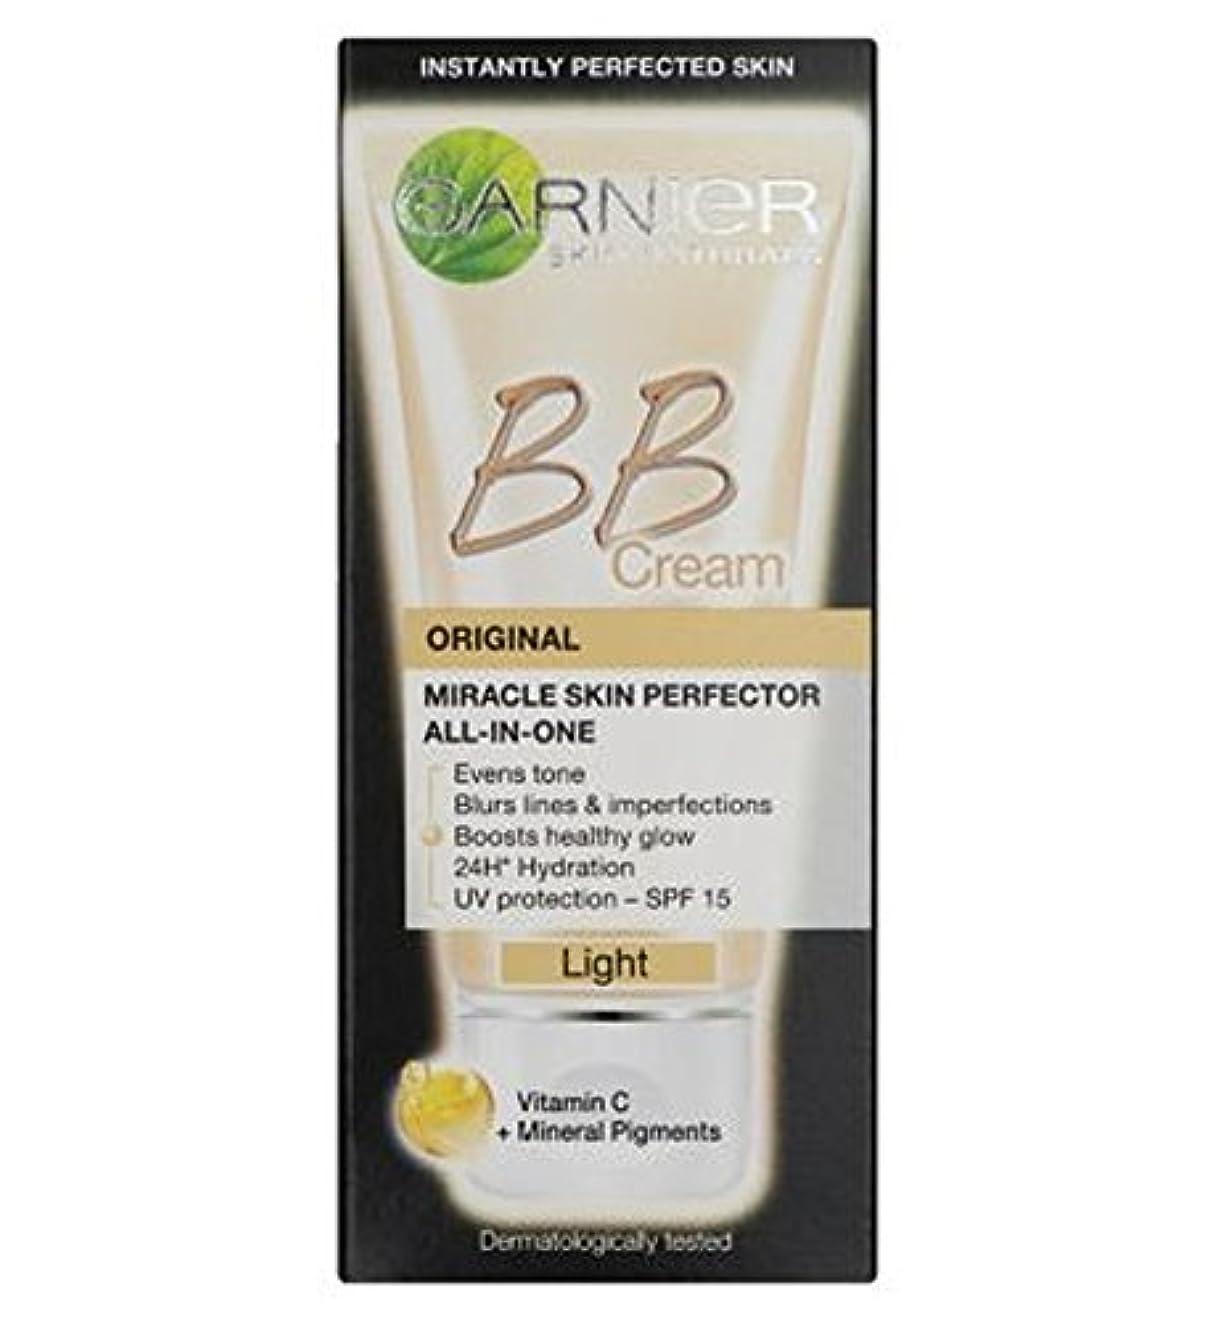 ばか請負業者喜劇毎日オールインワンB.B.ガルニエスキンパーフェク傷バームクリームライト50ミリリットル (Garnier) (x2) - Garnier Skin Perfector Daily All-In-One B.B. Blemish...